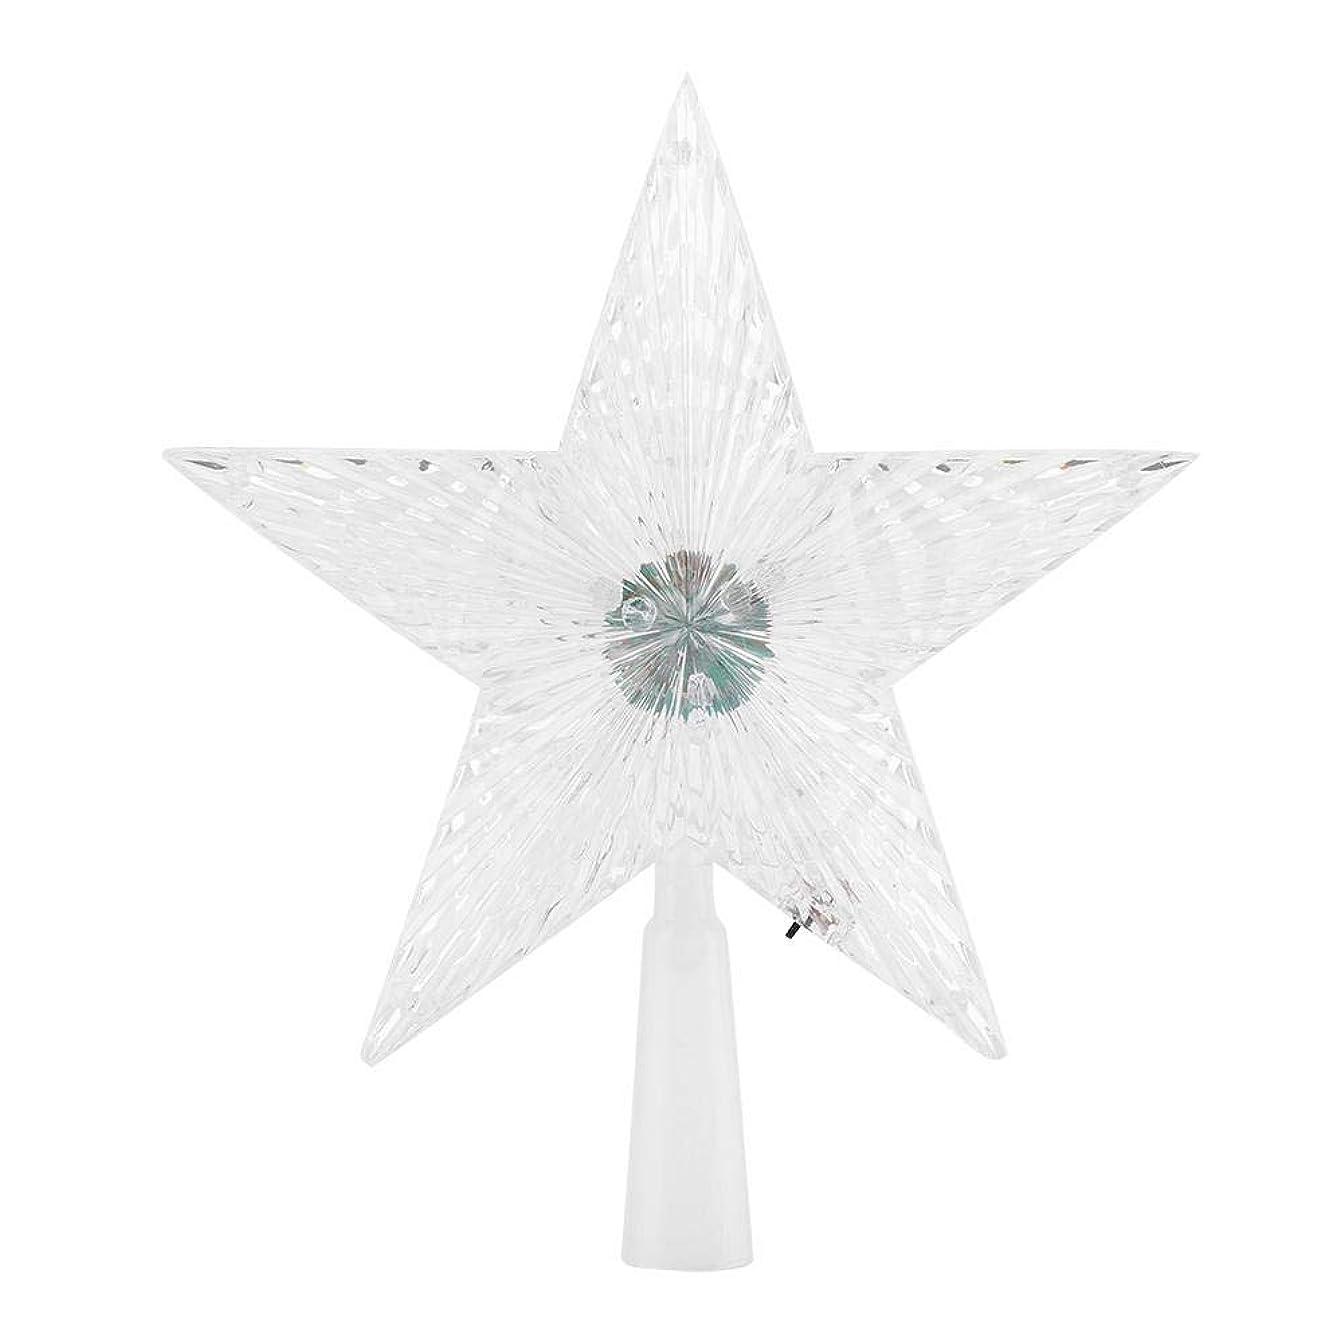 海賊牛おめでとうSemmeスターツリートッパー、クリスマスツリーの装飾輝き星飾り屋内屋外用の5つの尖った星LED変更ライトツリートップ(small)